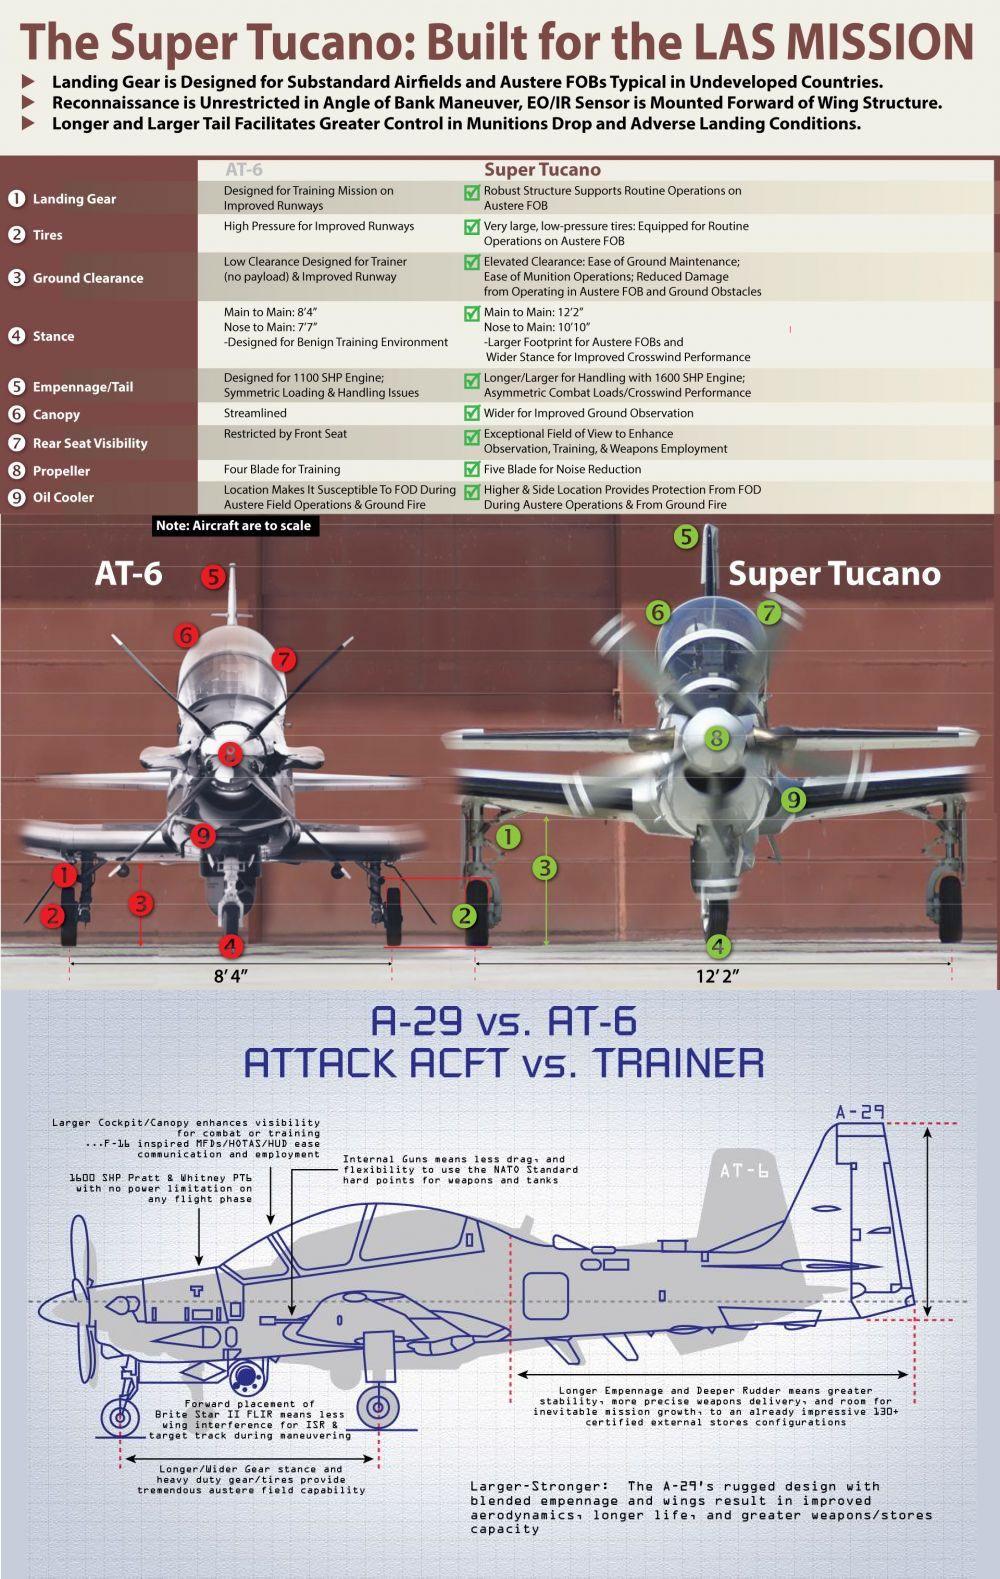 Beech At 6b Vs Embraer A 29 Super Tucano Aviones De Combate